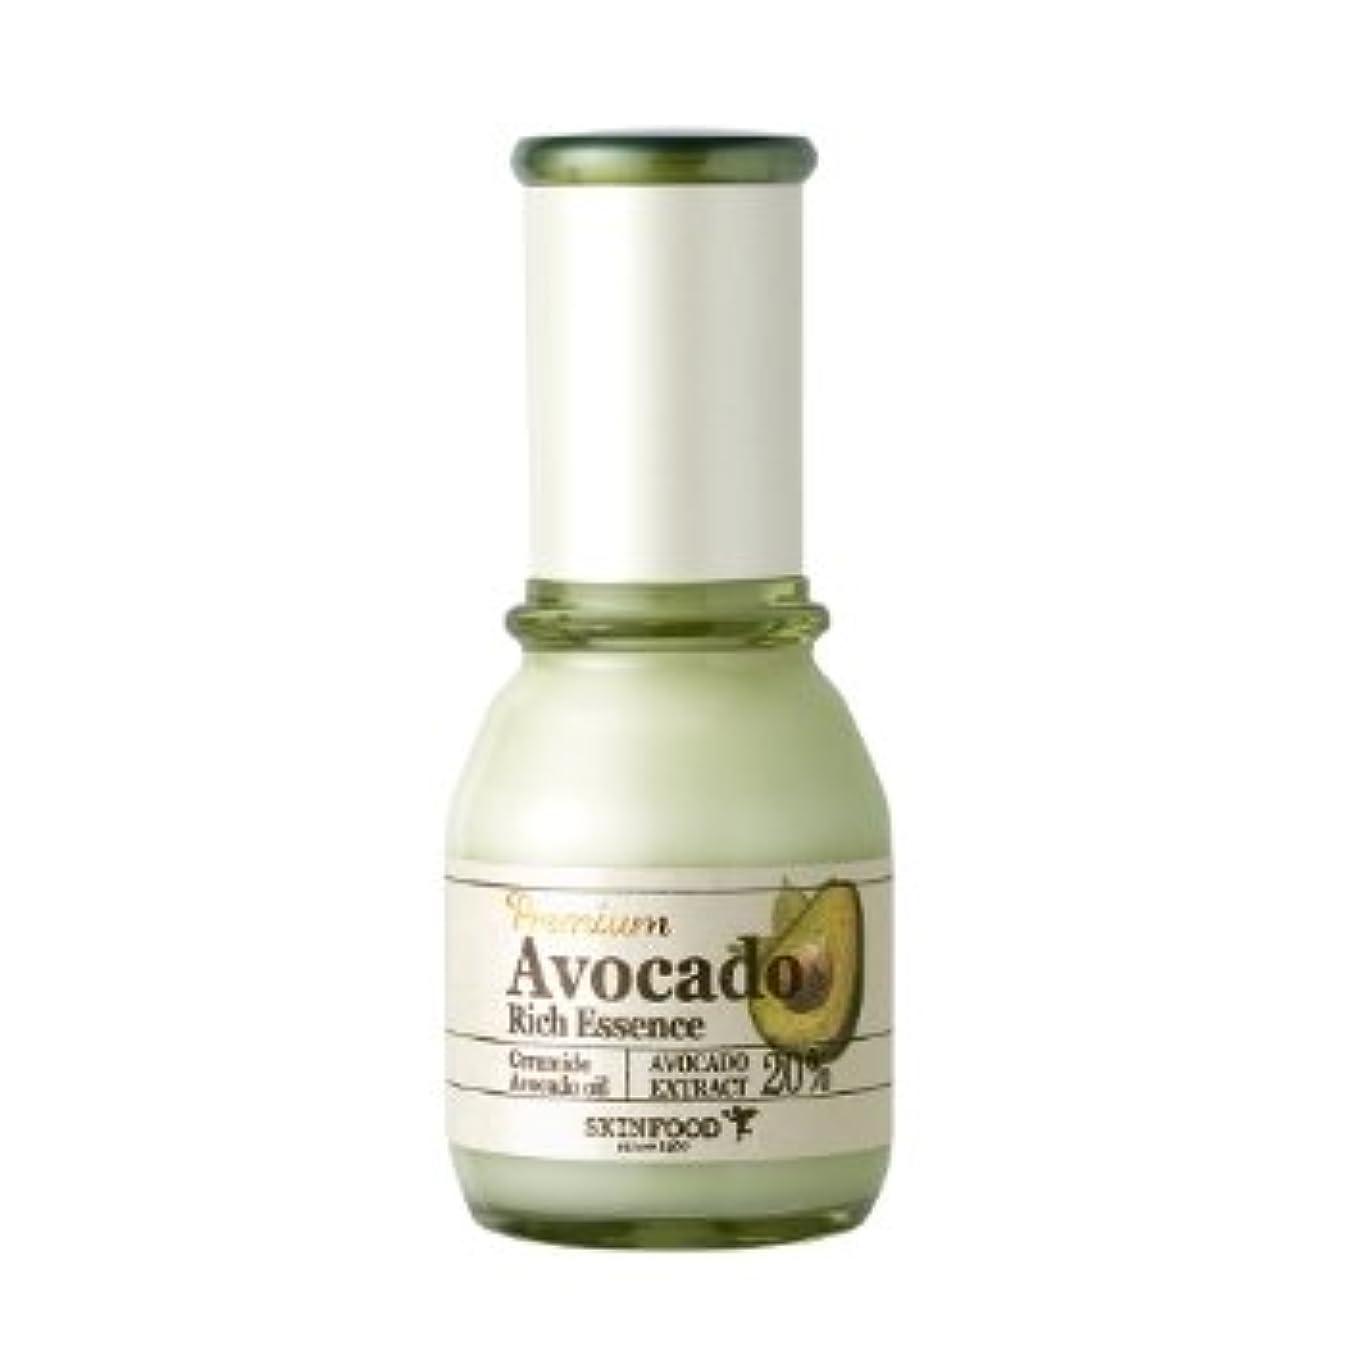 海軍大西洋のヒープスキンフード [Skin Food] プレミアム アボカド リーチ エッセンス 50ml / Premium Avocado Rich Essence 海外直送品